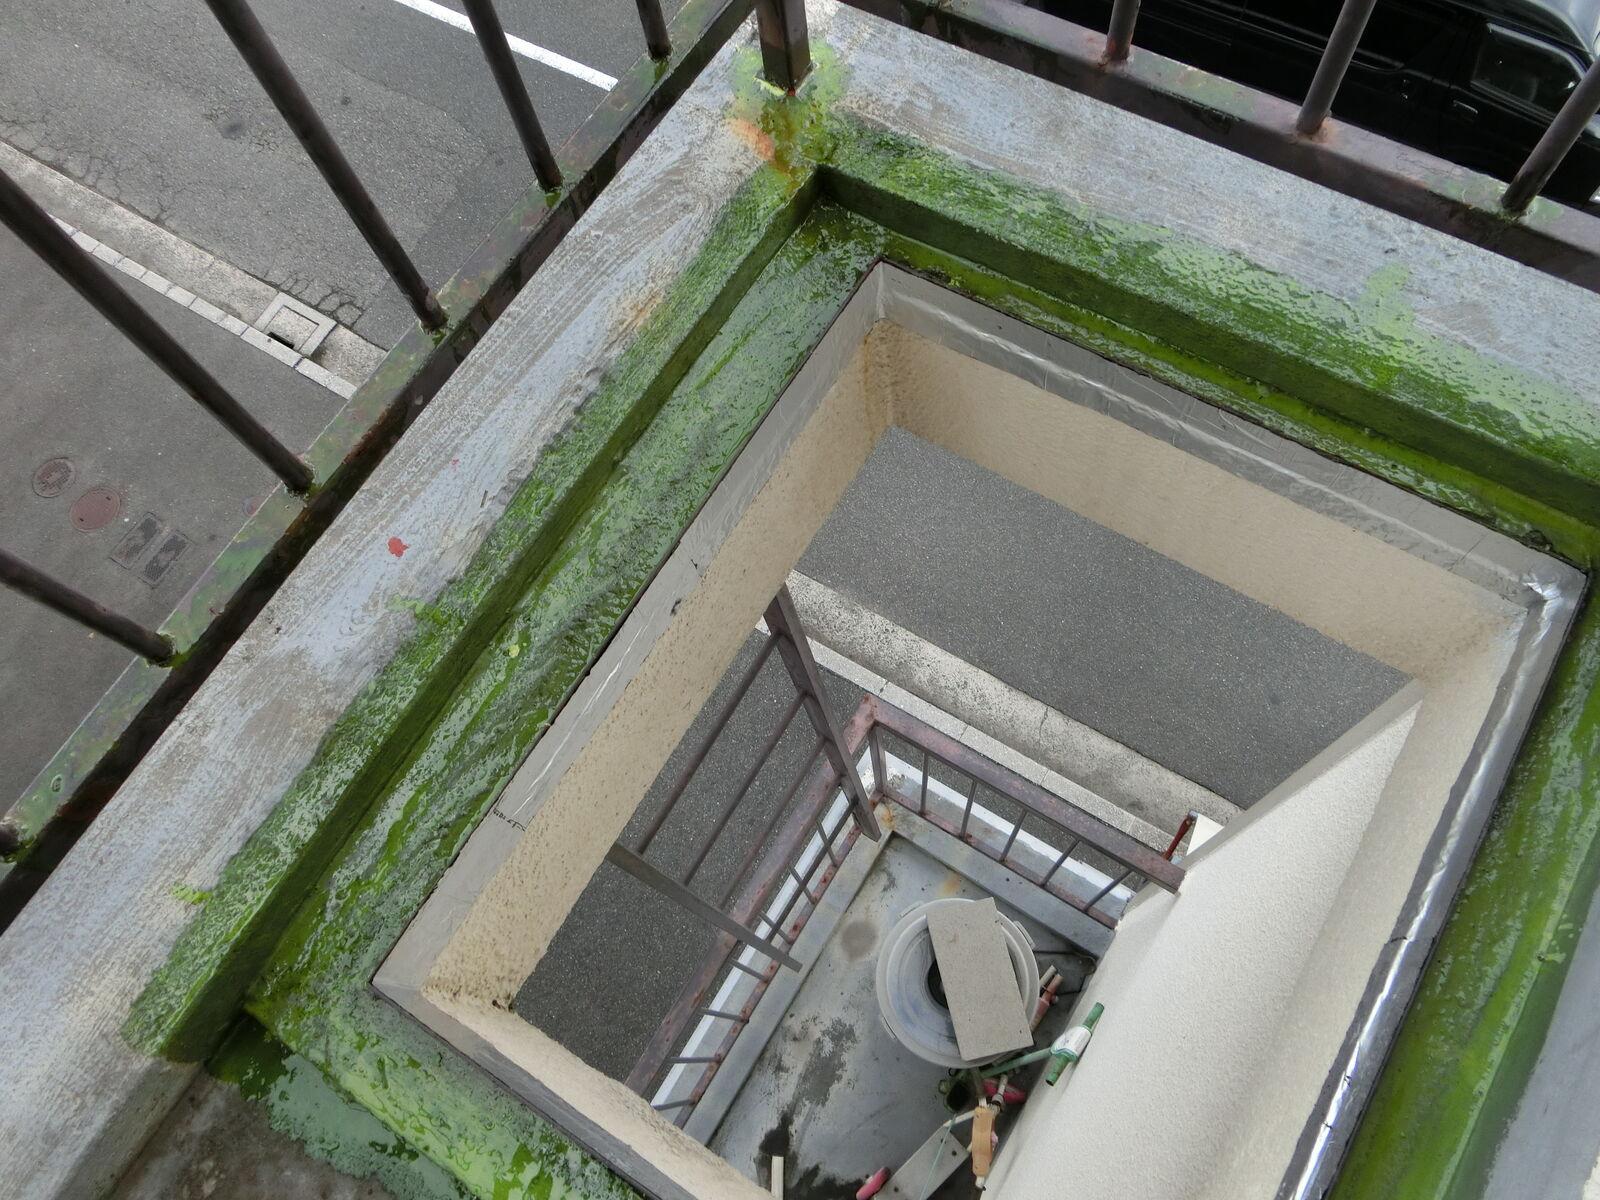 ボンド 水 漏れ 自分でできる蛇口、水道の水漏れの修理法